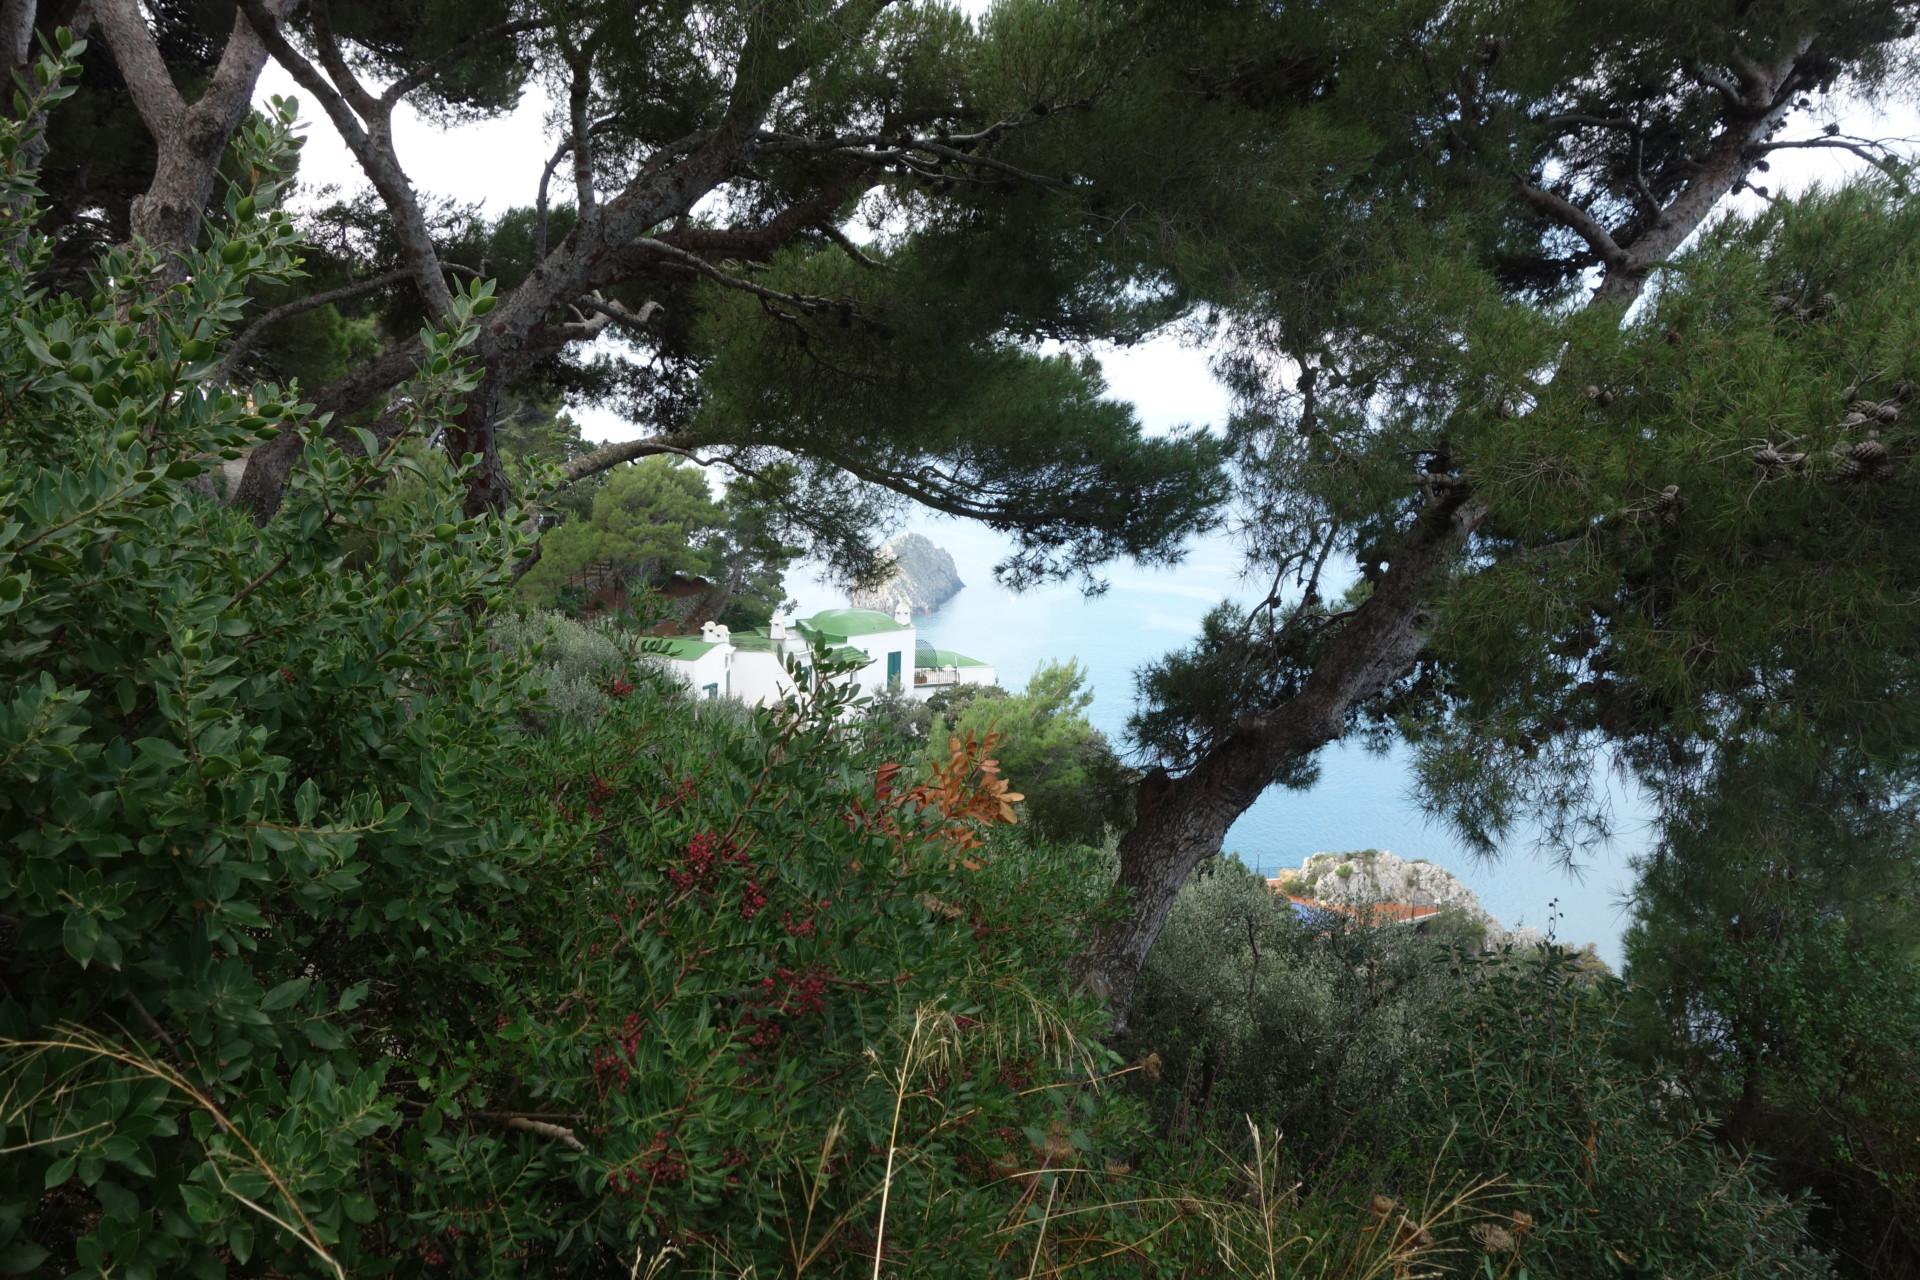 Villen am Monte Argentario, die Buchten sind für viele da